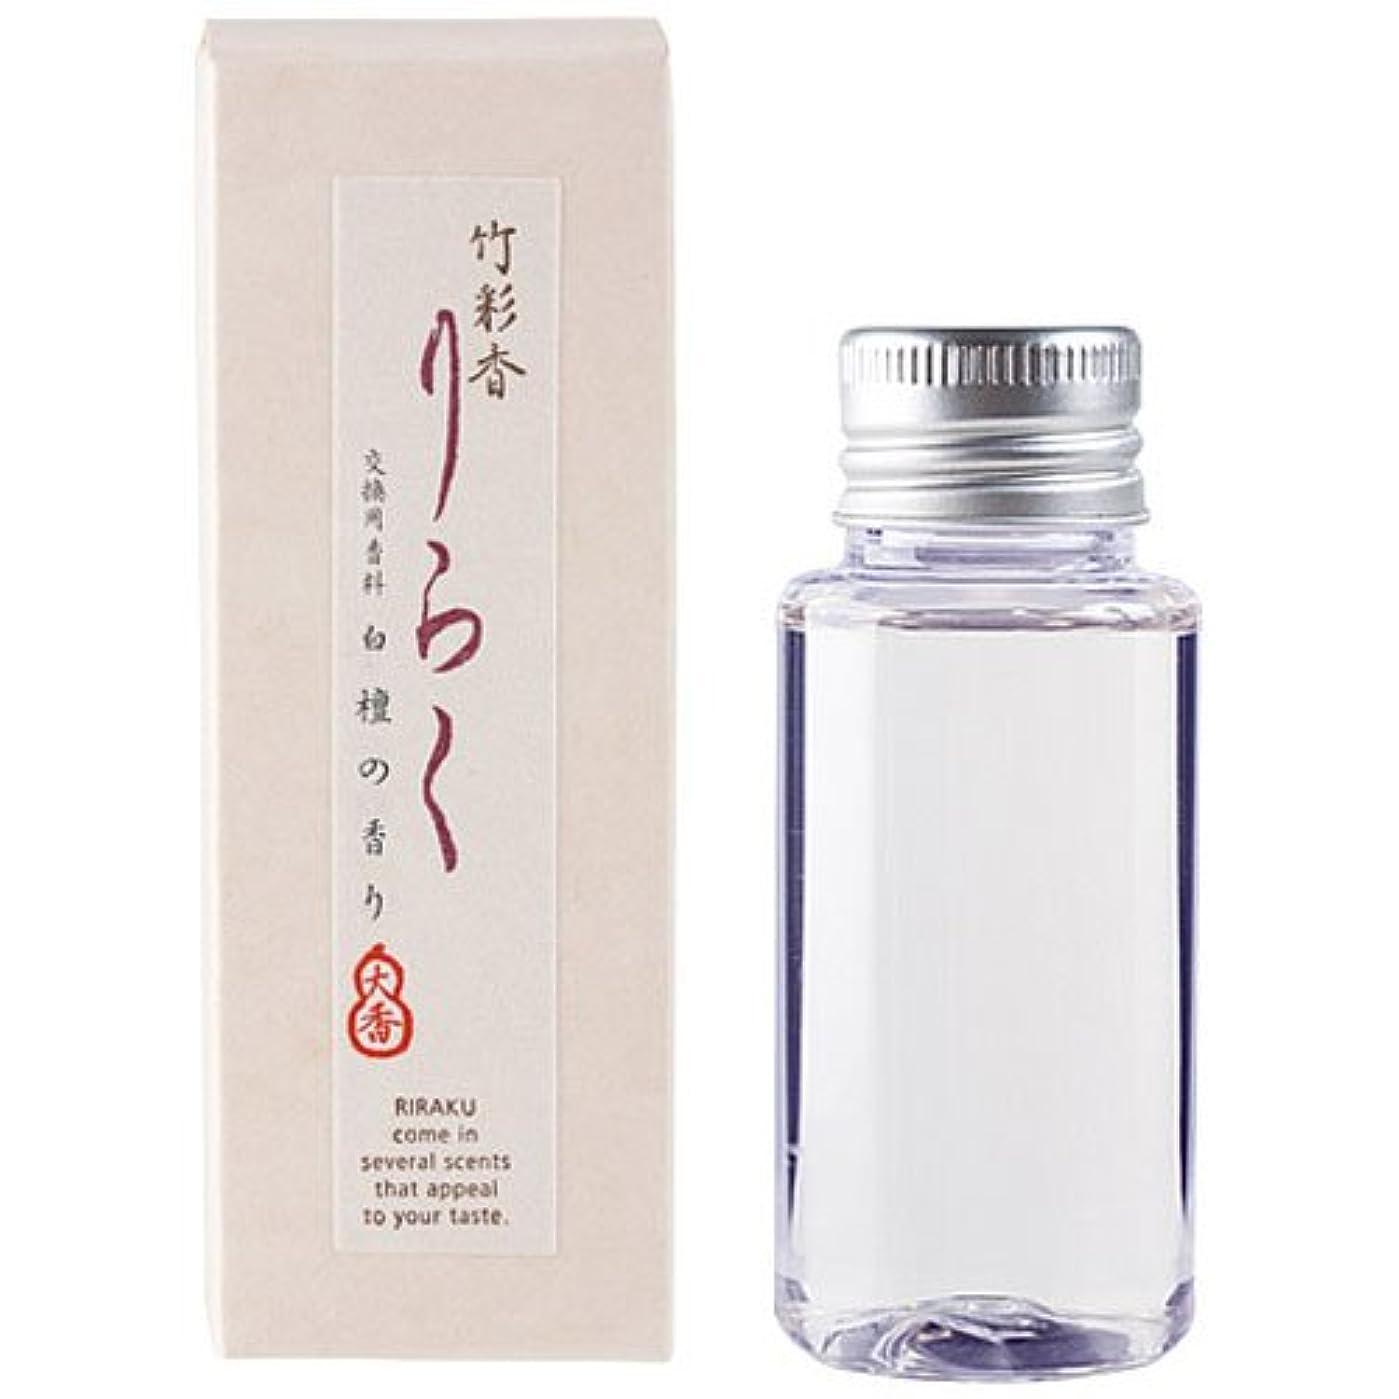 竹彩香りらく 交換用香料白檀 50ml